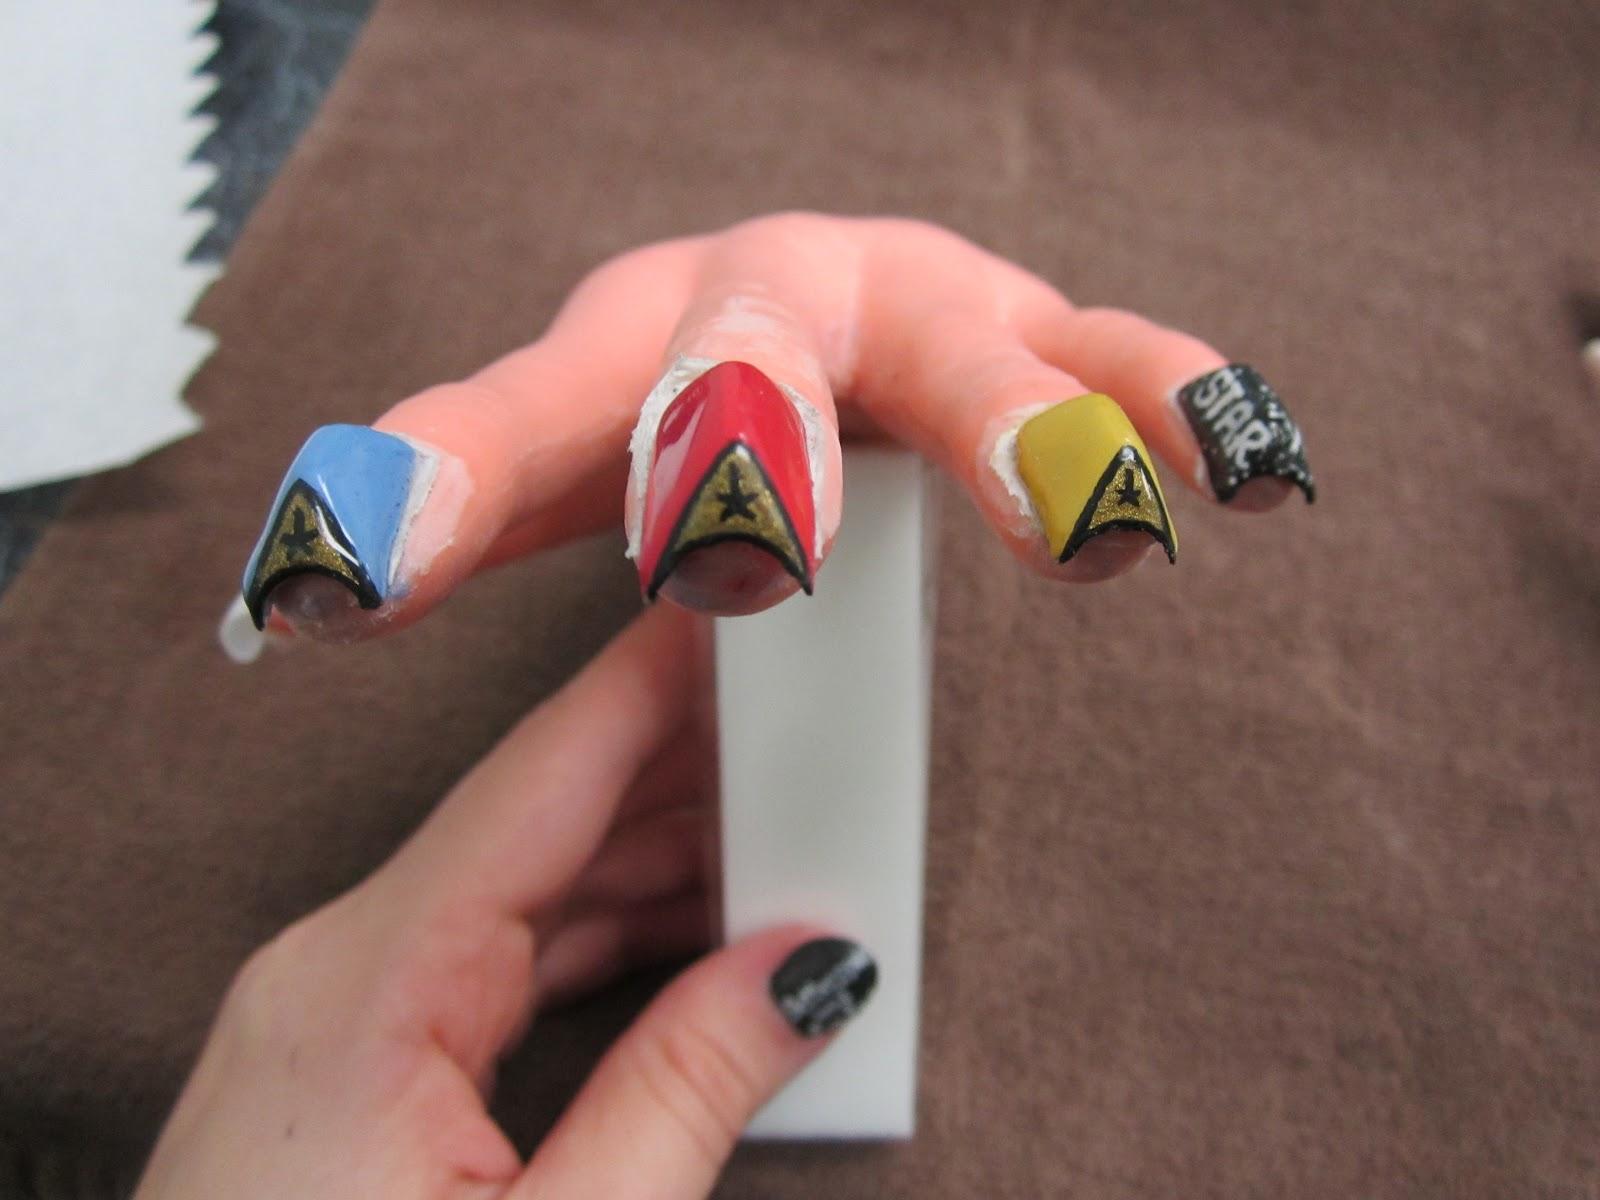 Nail Glue Changes Nail Shapes? Who knew? - YouTube |Odd Nail Shapes